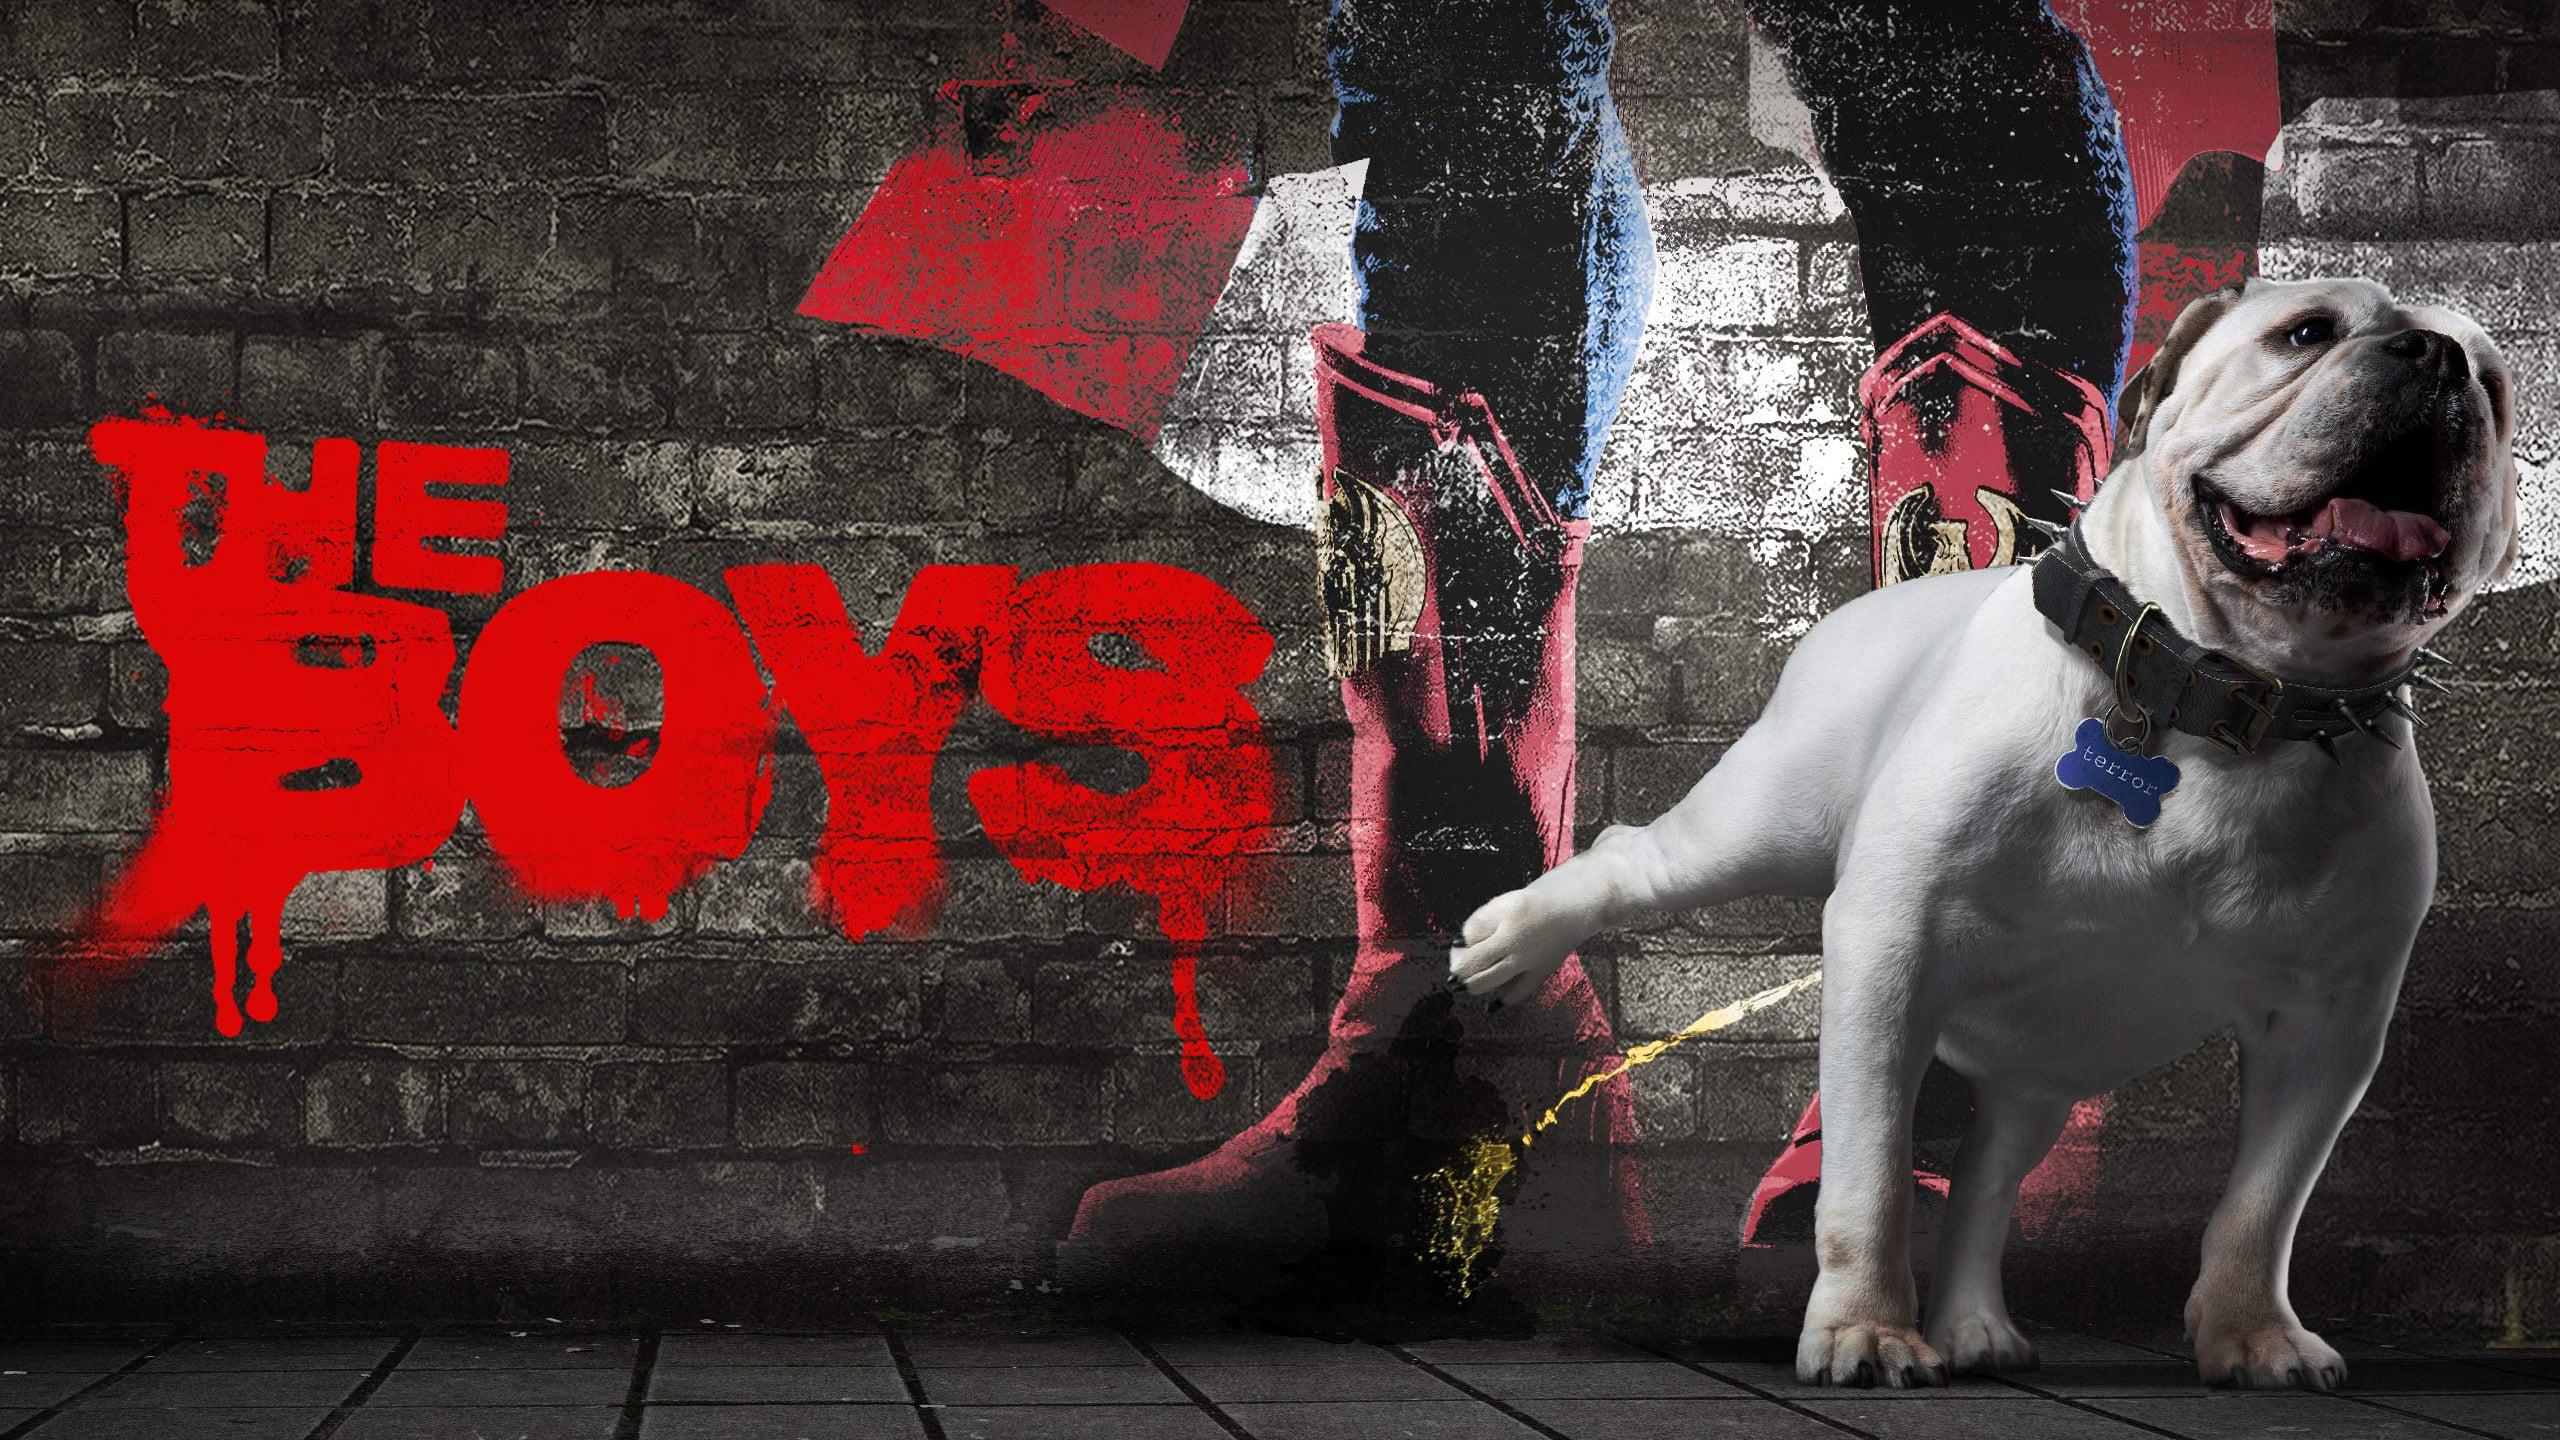 The Boys Season 2 Episode 7